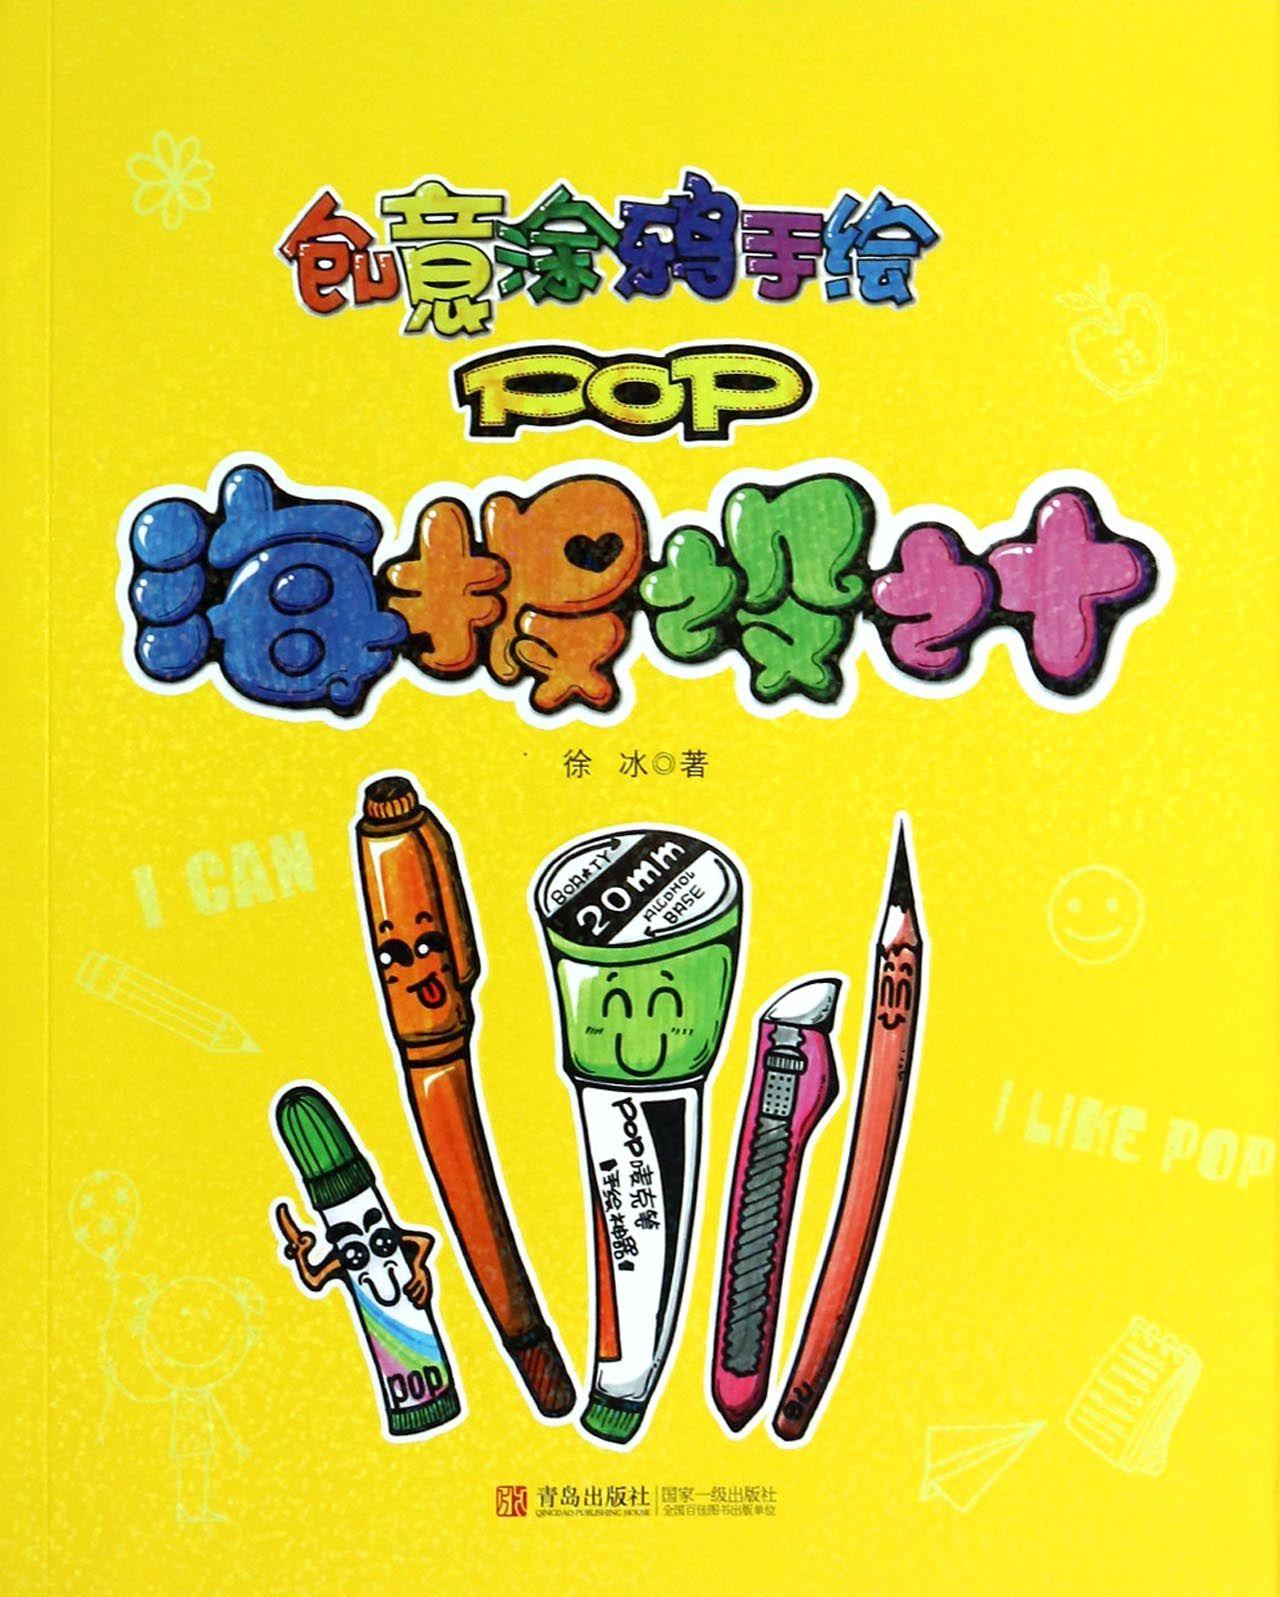 创意涂鸦手绘pop海报设计 徐冰